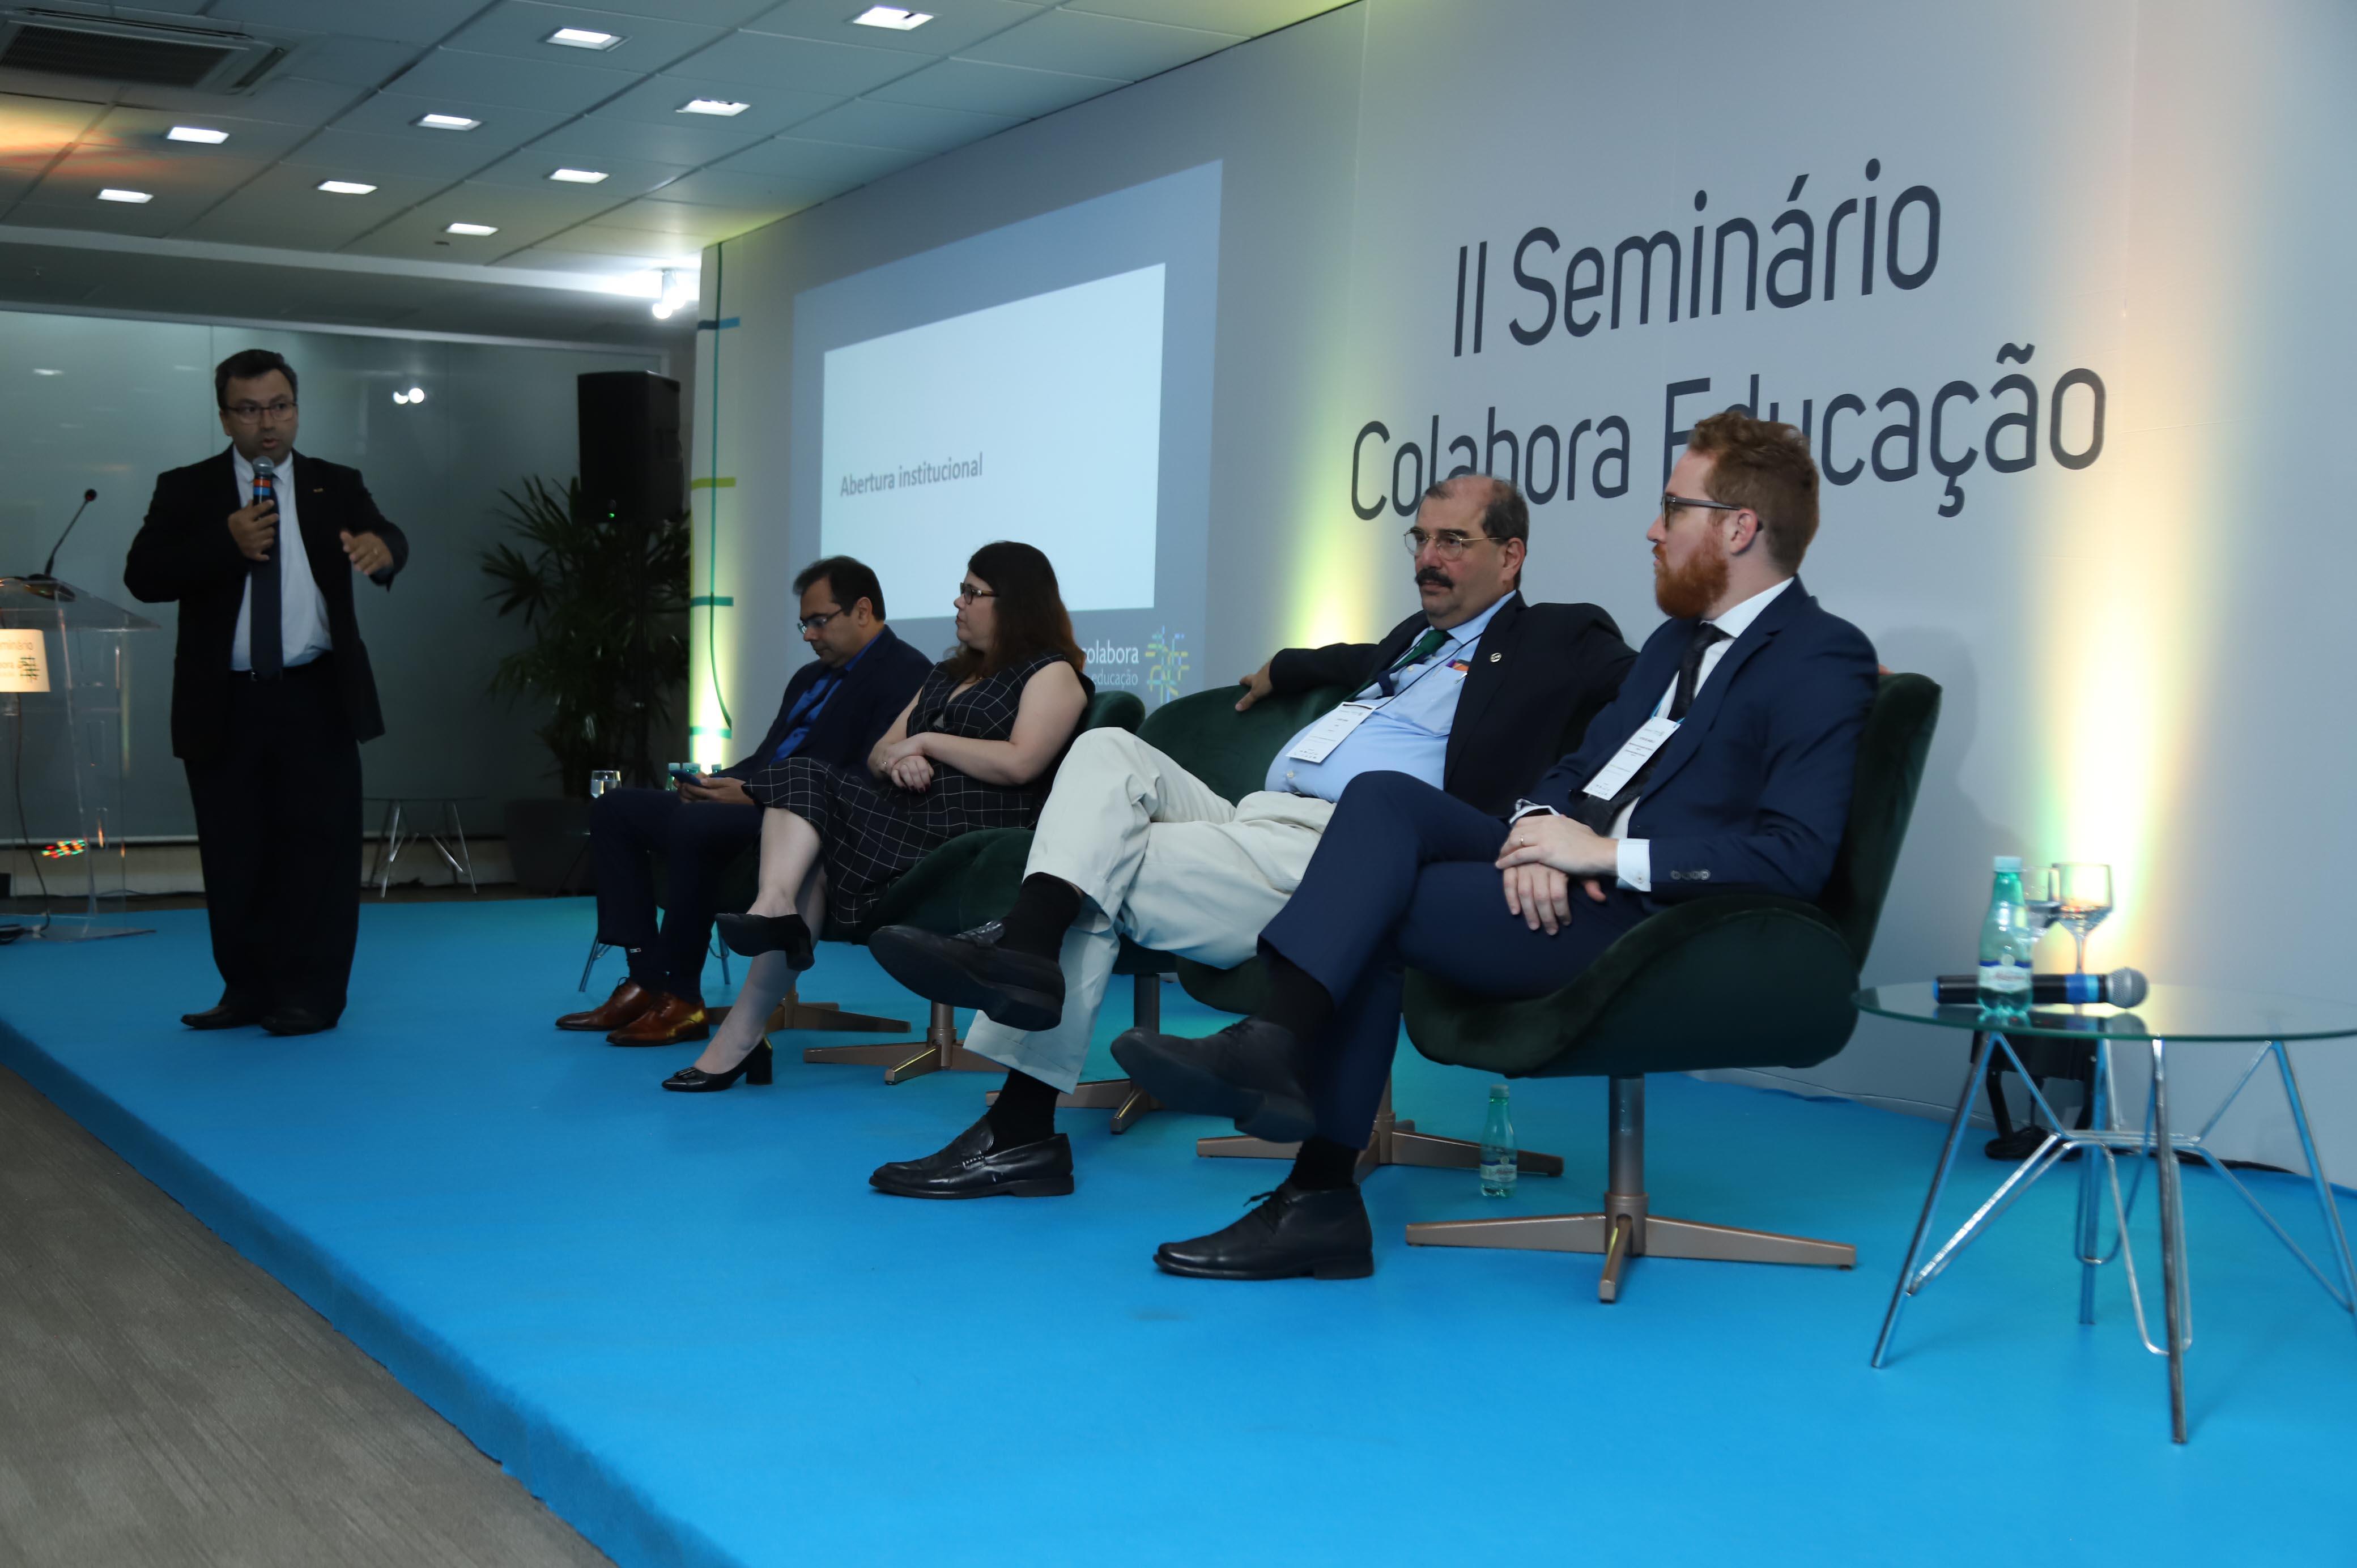 Undime defende fortalecimento da gestão municipal em seminário do Colabora Educação